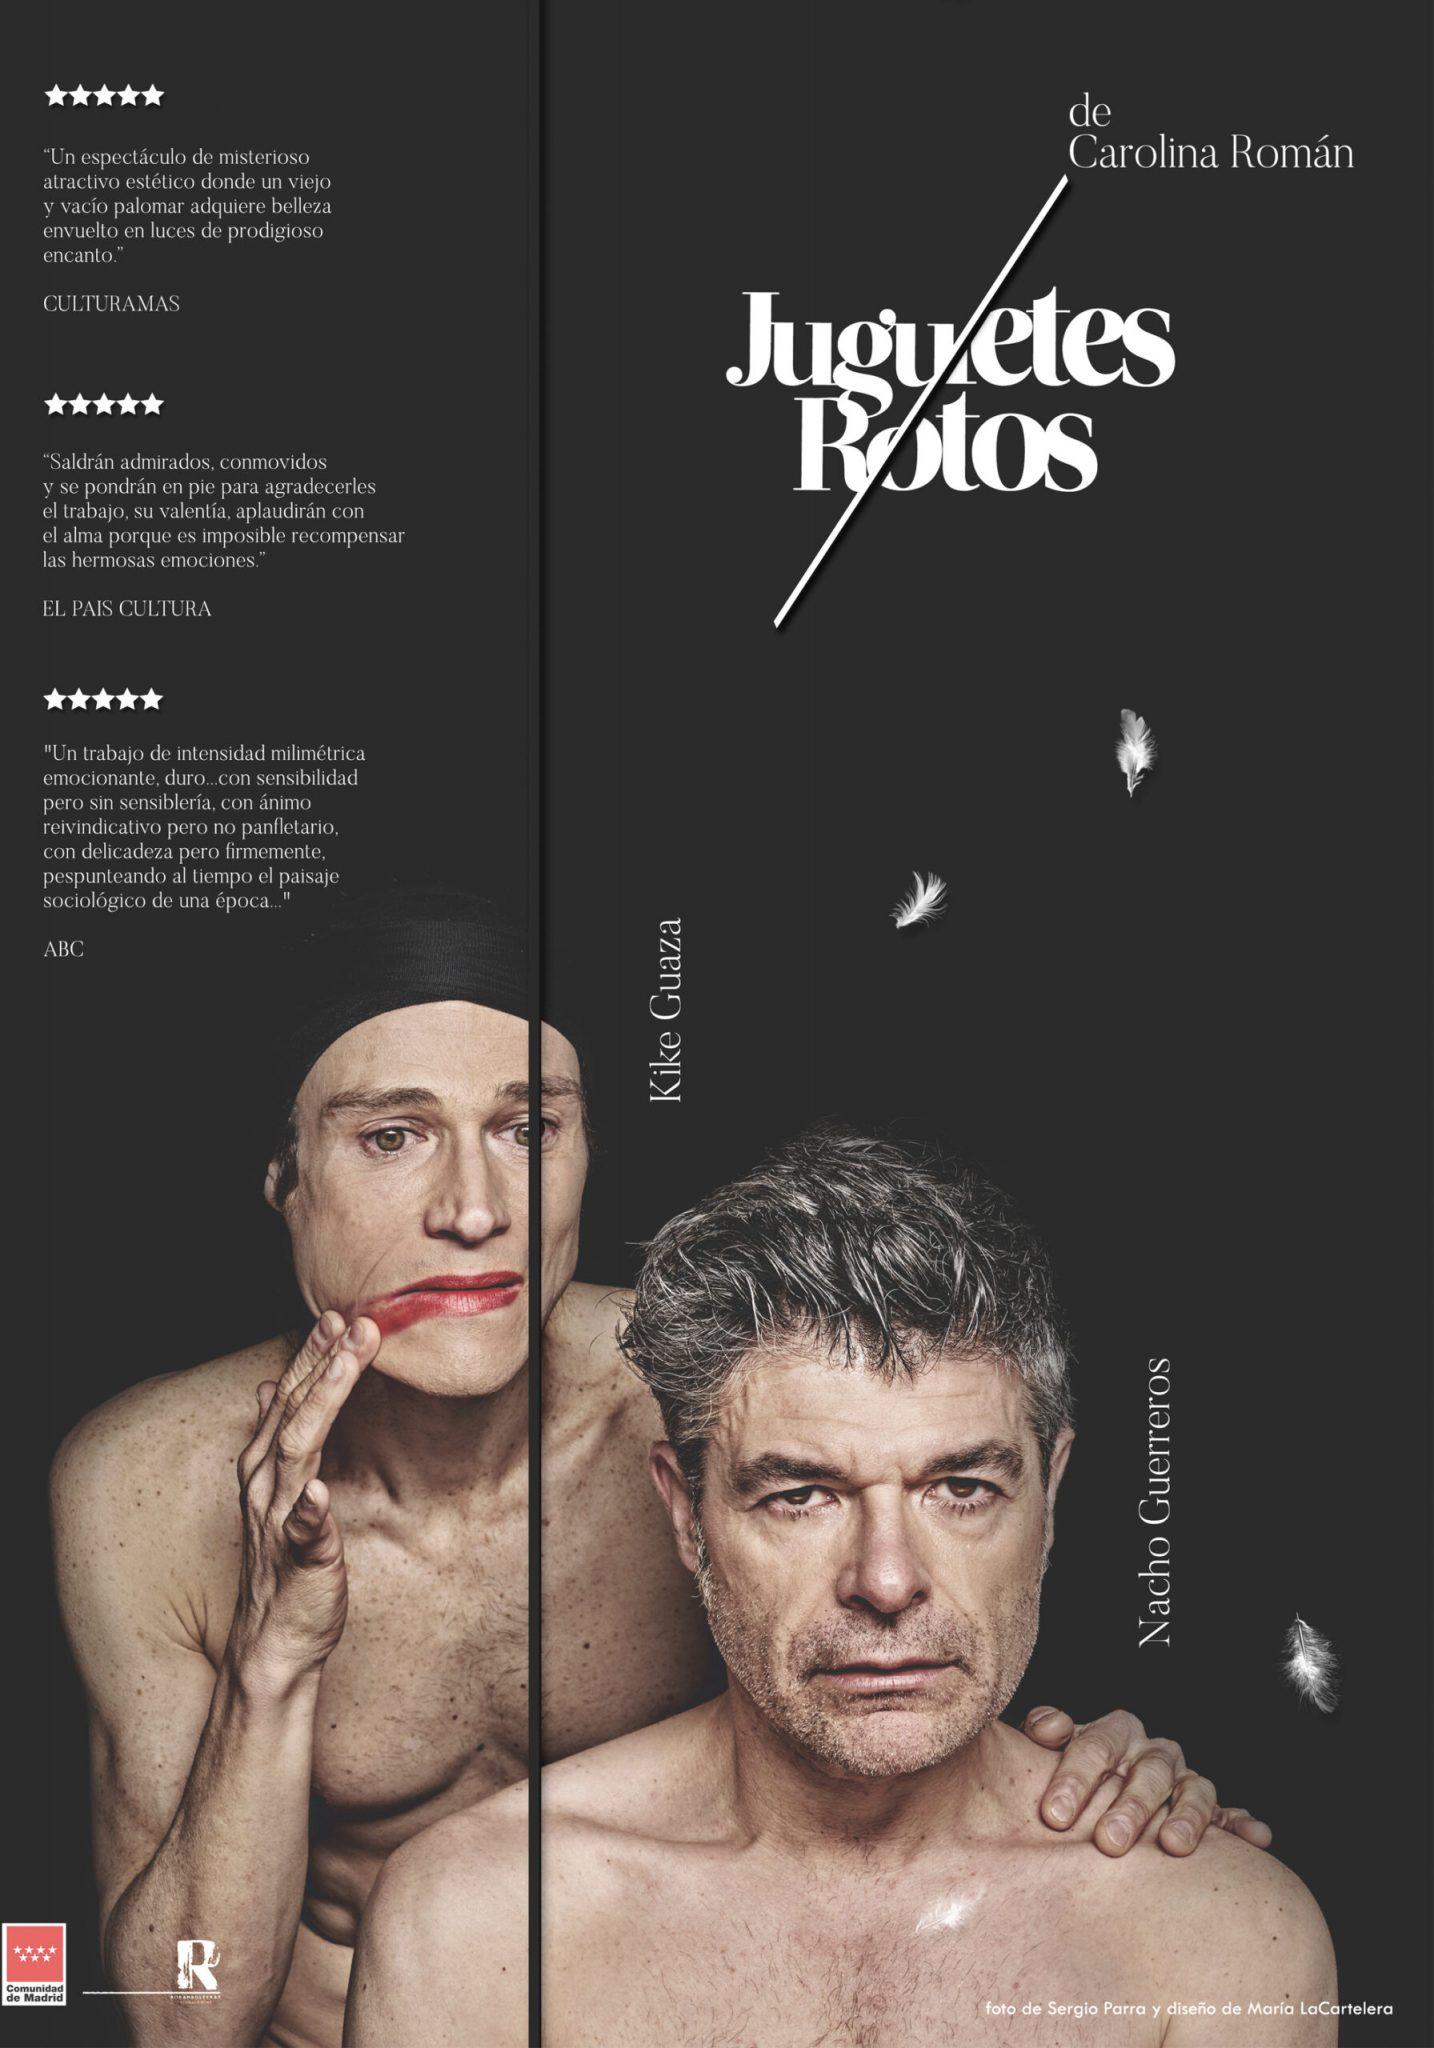 """Este dissabte 21, a les 20:30 hores, arriba a Palau Altea """"Juguetes Rotos"""", una història de gènere, sobre la transsexualitat i la identitat sexual, protagonitzada per Nacho Guerreros i Kike Guaza."""